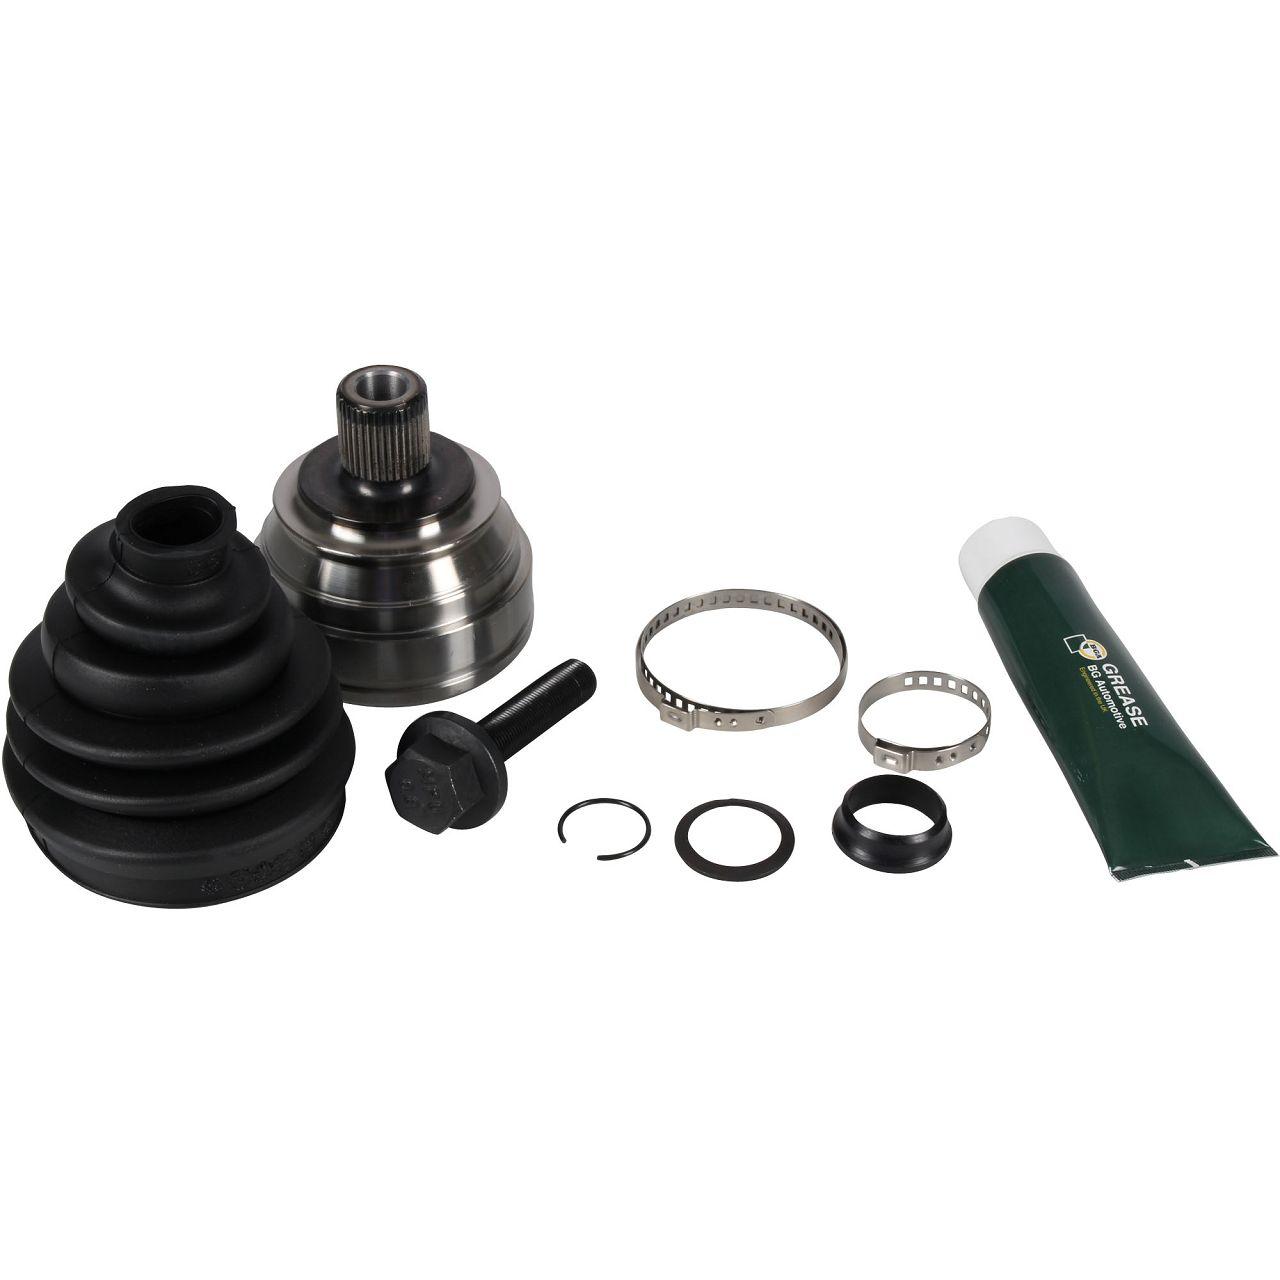 BGA Antriebsgelenk für VW T4 ohne ABS ab Fgst. 70R136291 vorne RADSEITIG